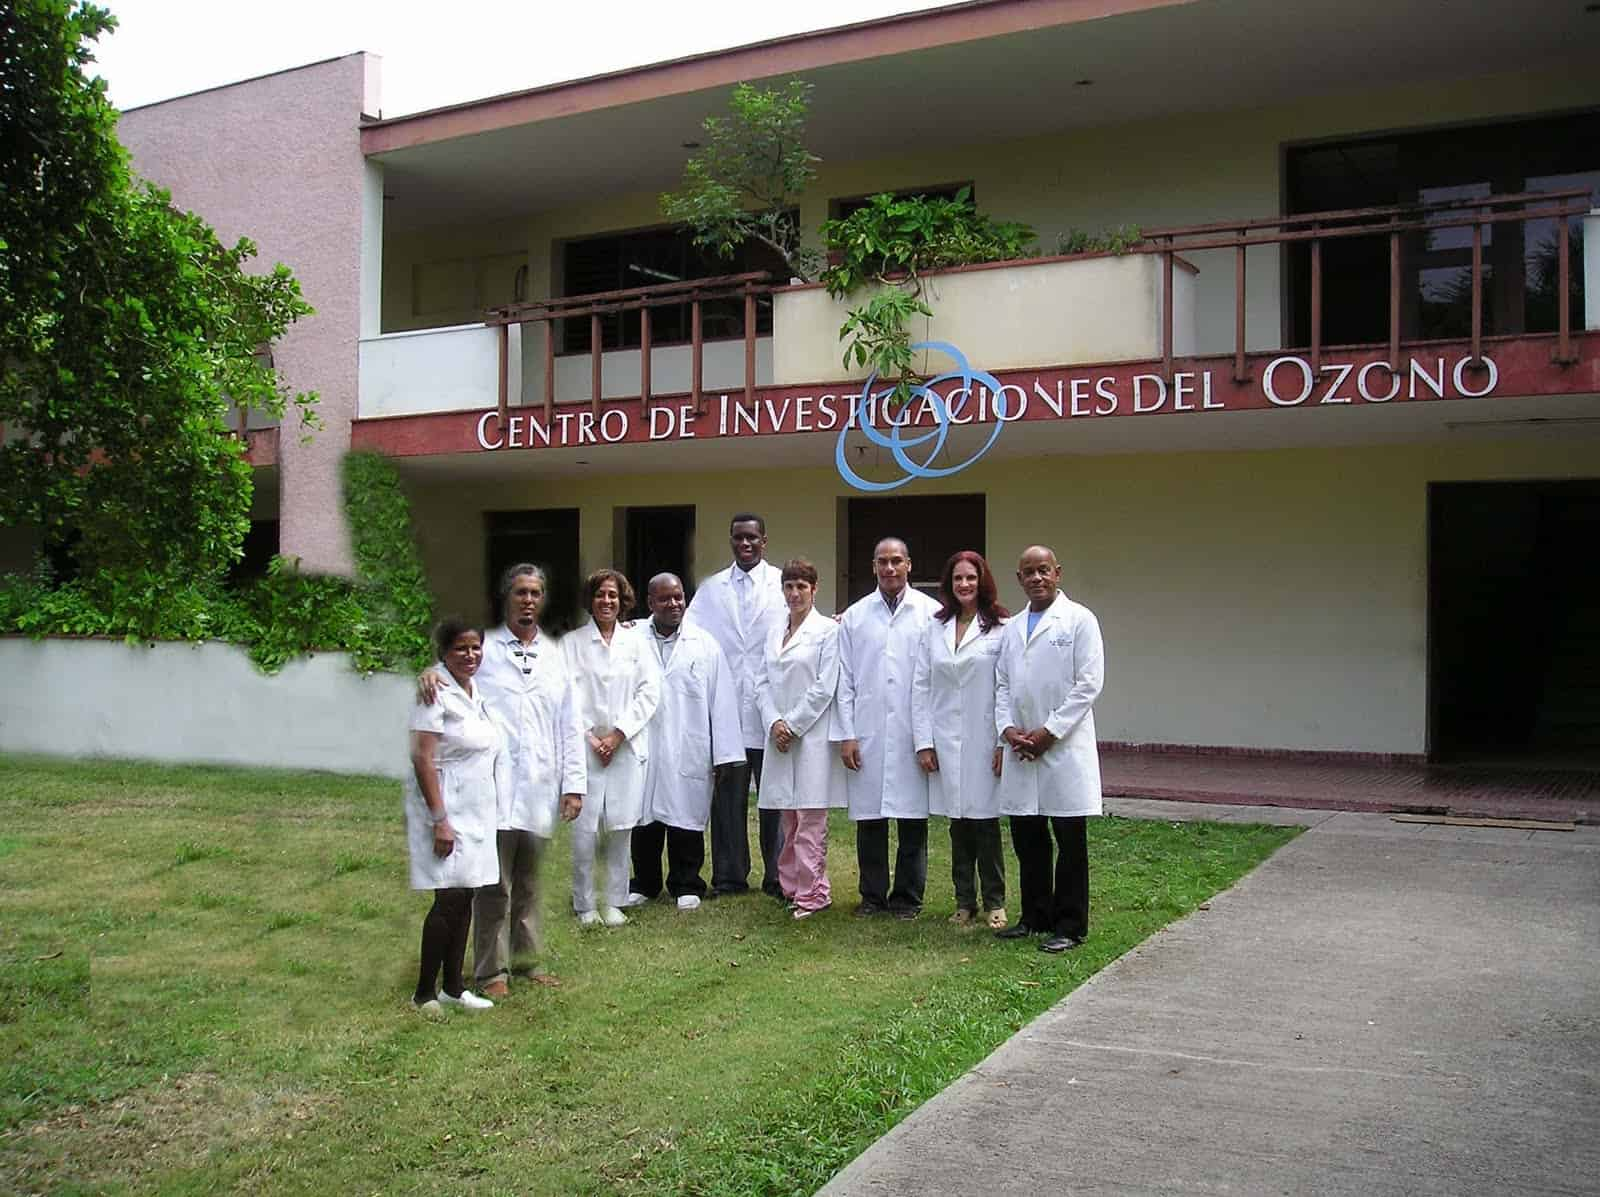 Centro de Investigaciones del Ozono